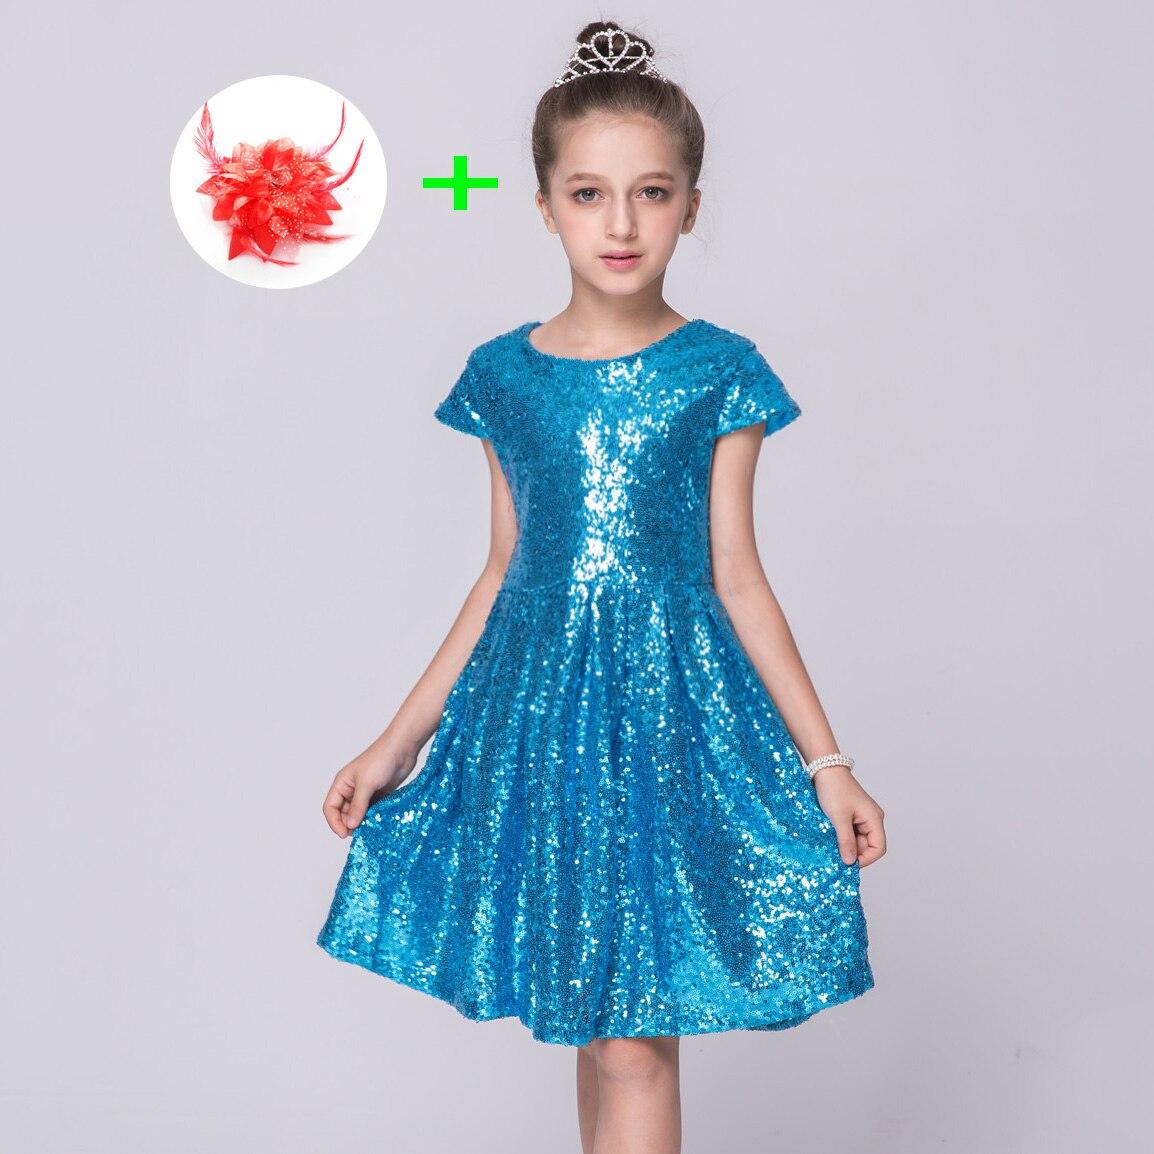 Neue Ankunft Designer Kleidung Kinder Kleider Neue 2017 Elegante ...